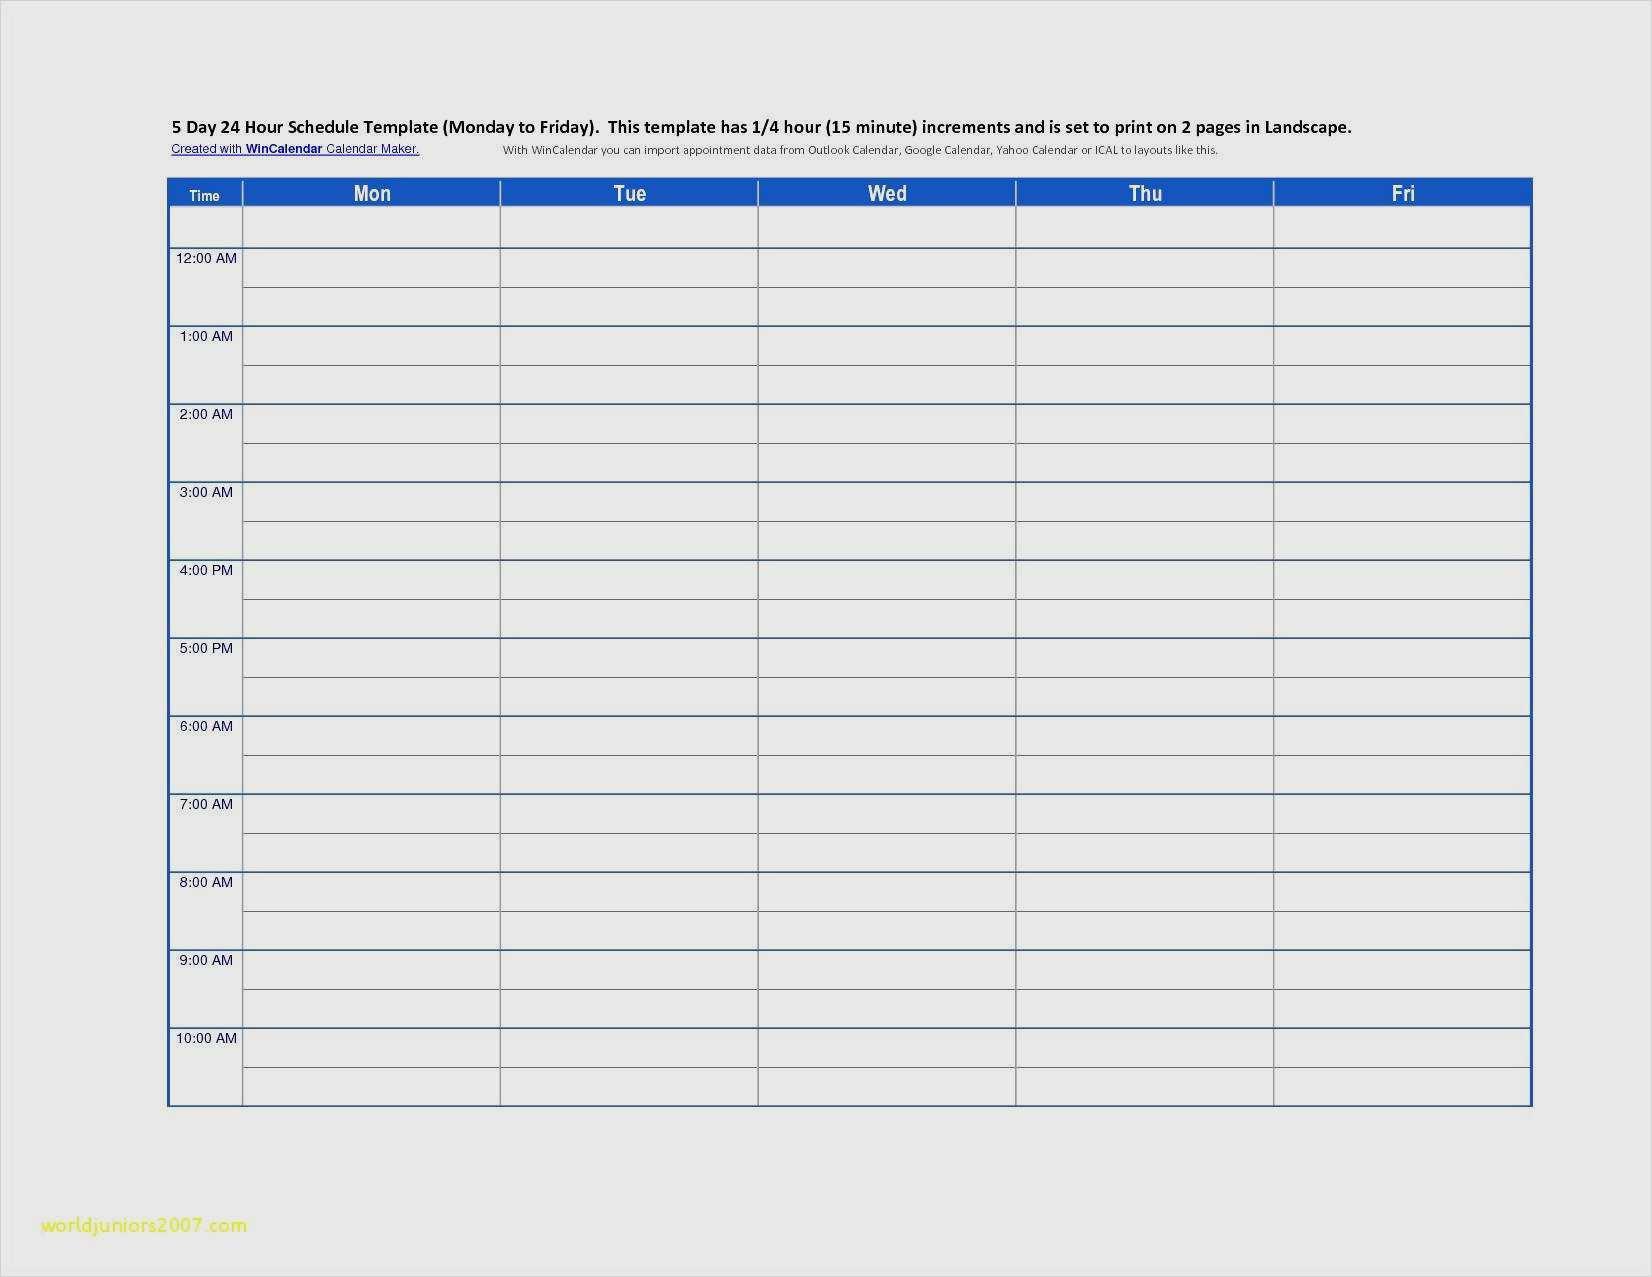 Cool Gantt Excel Vorlage Solche Konnen Einstellen In Microsoft Word Dillyhearts Com